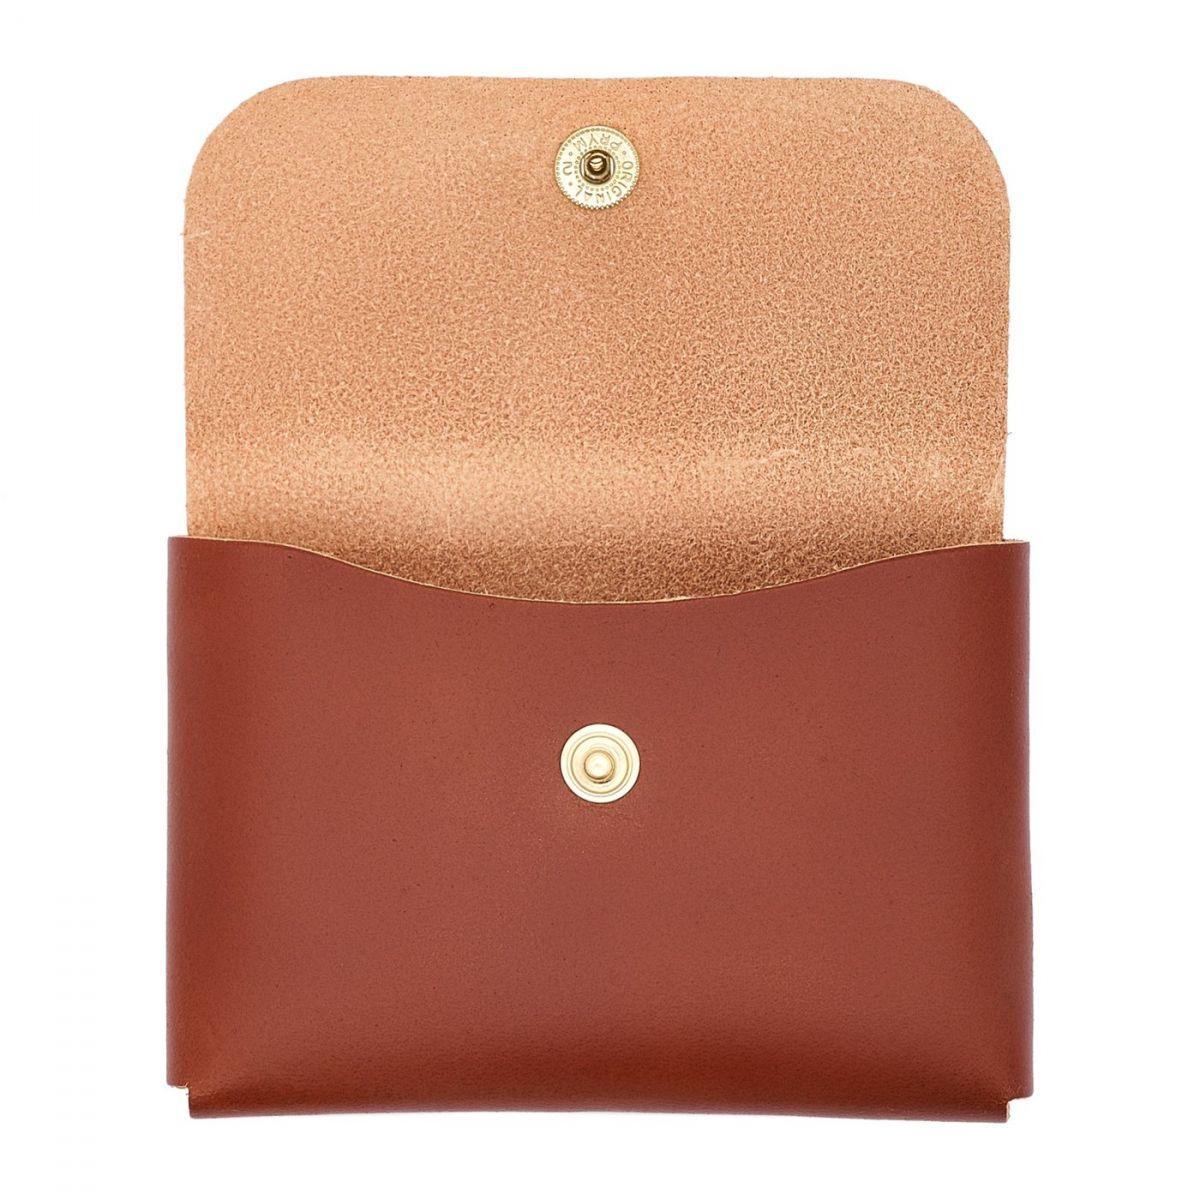 Porte-Cartes  en Cuir De Vachette Doublé SCC032 couleur Brun Foncé Seppia | Details